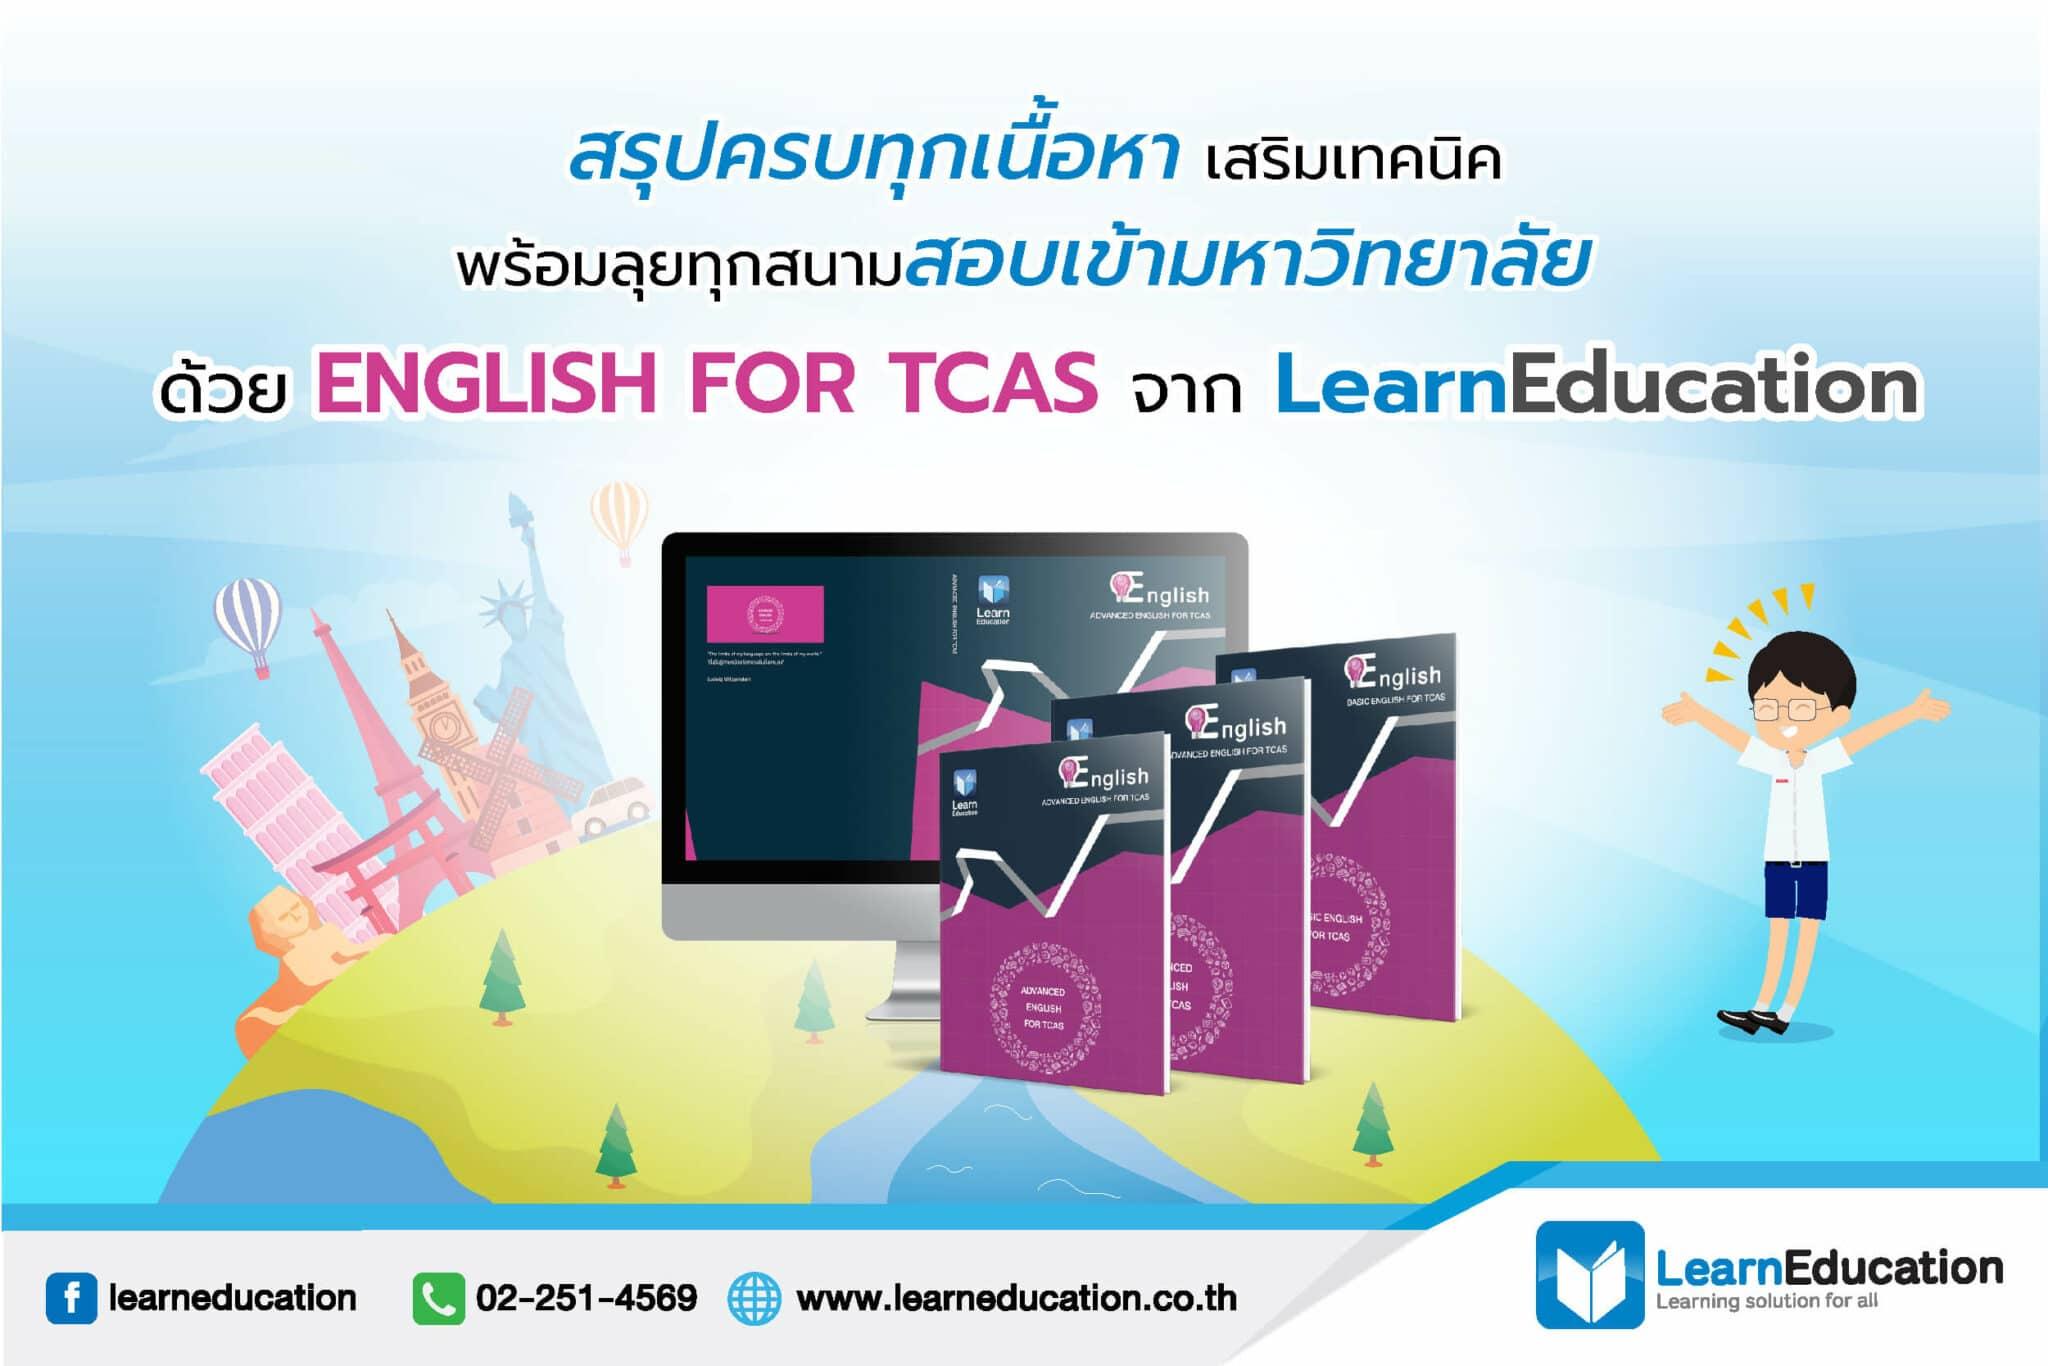 สรุปครบทุกเนื้อหา เสริมเทคนิค พร้อมลุยทุกสนามสอบเข้ามหาวิทยาลัย ด้วย ENGLISH FOR TCAS จาก LearnEducation